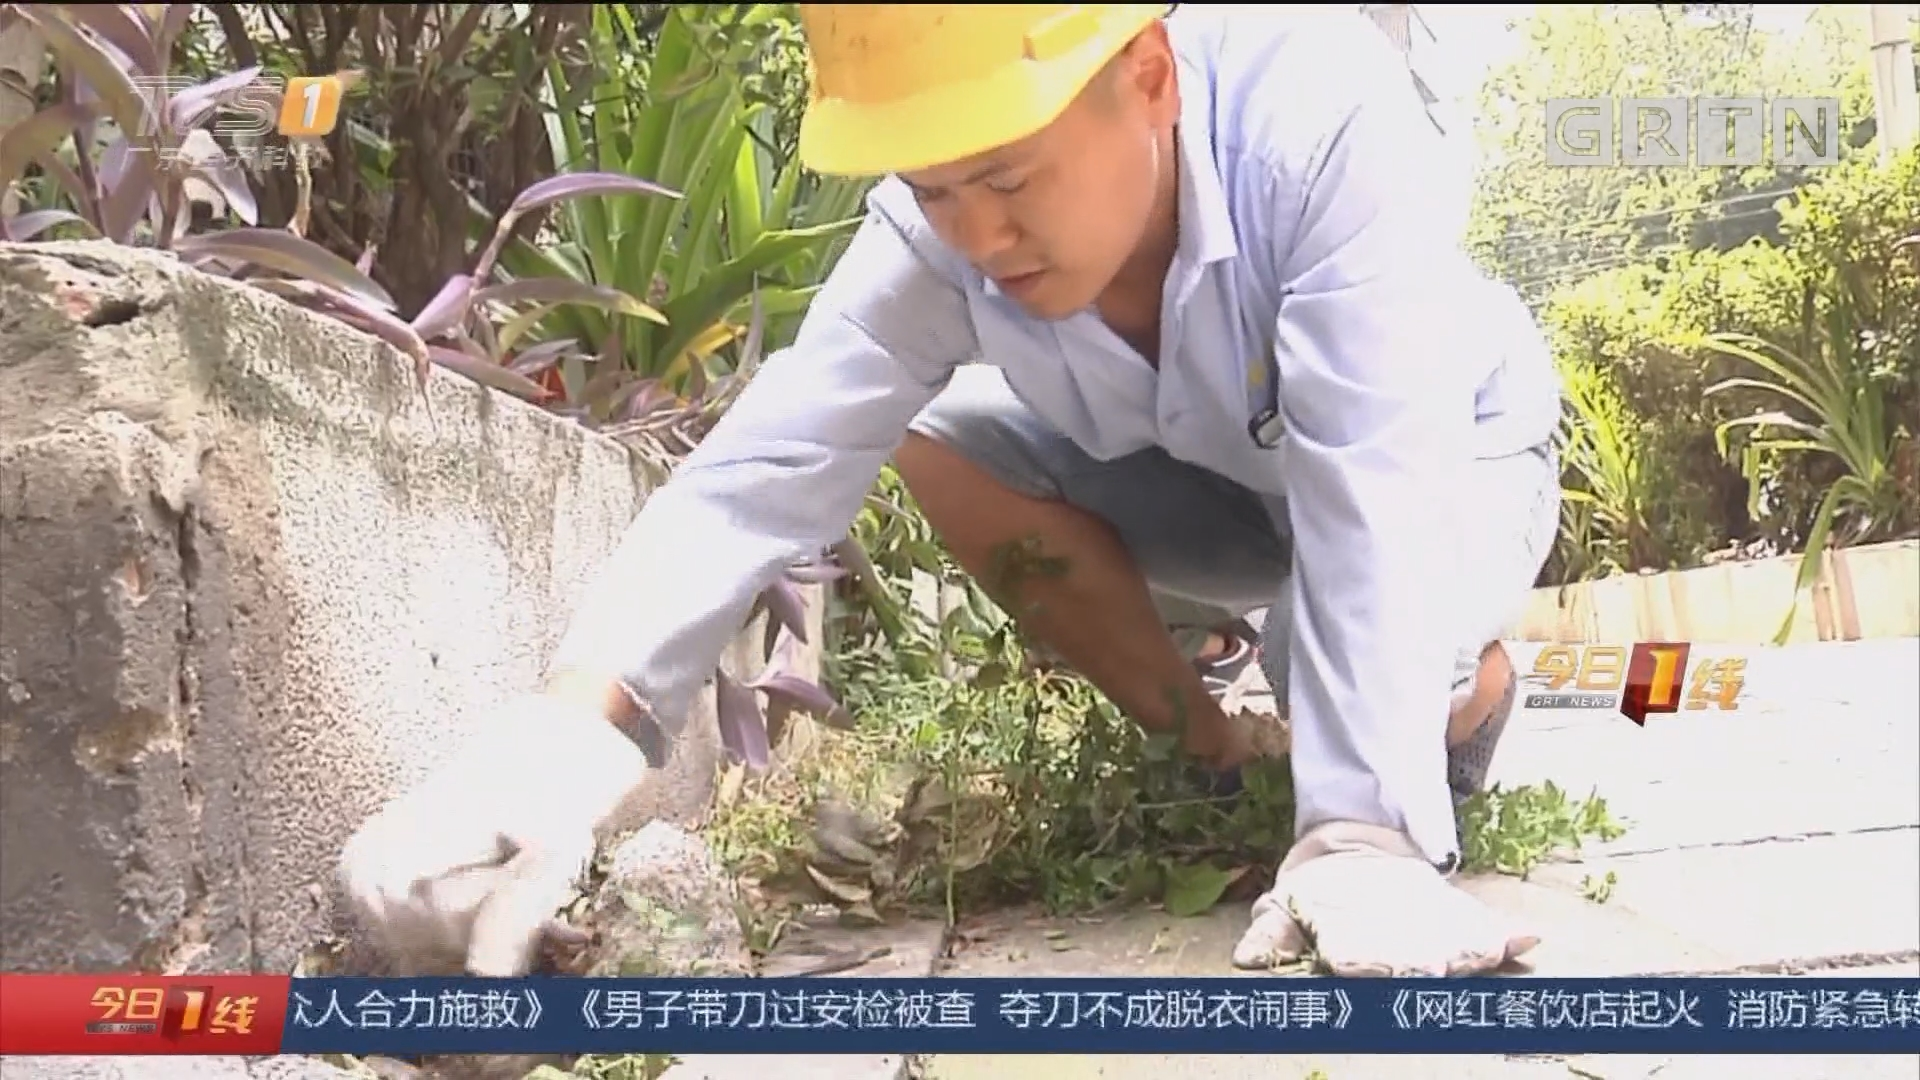 防控登革热:广州 每周五下午 全市统一灭蚊